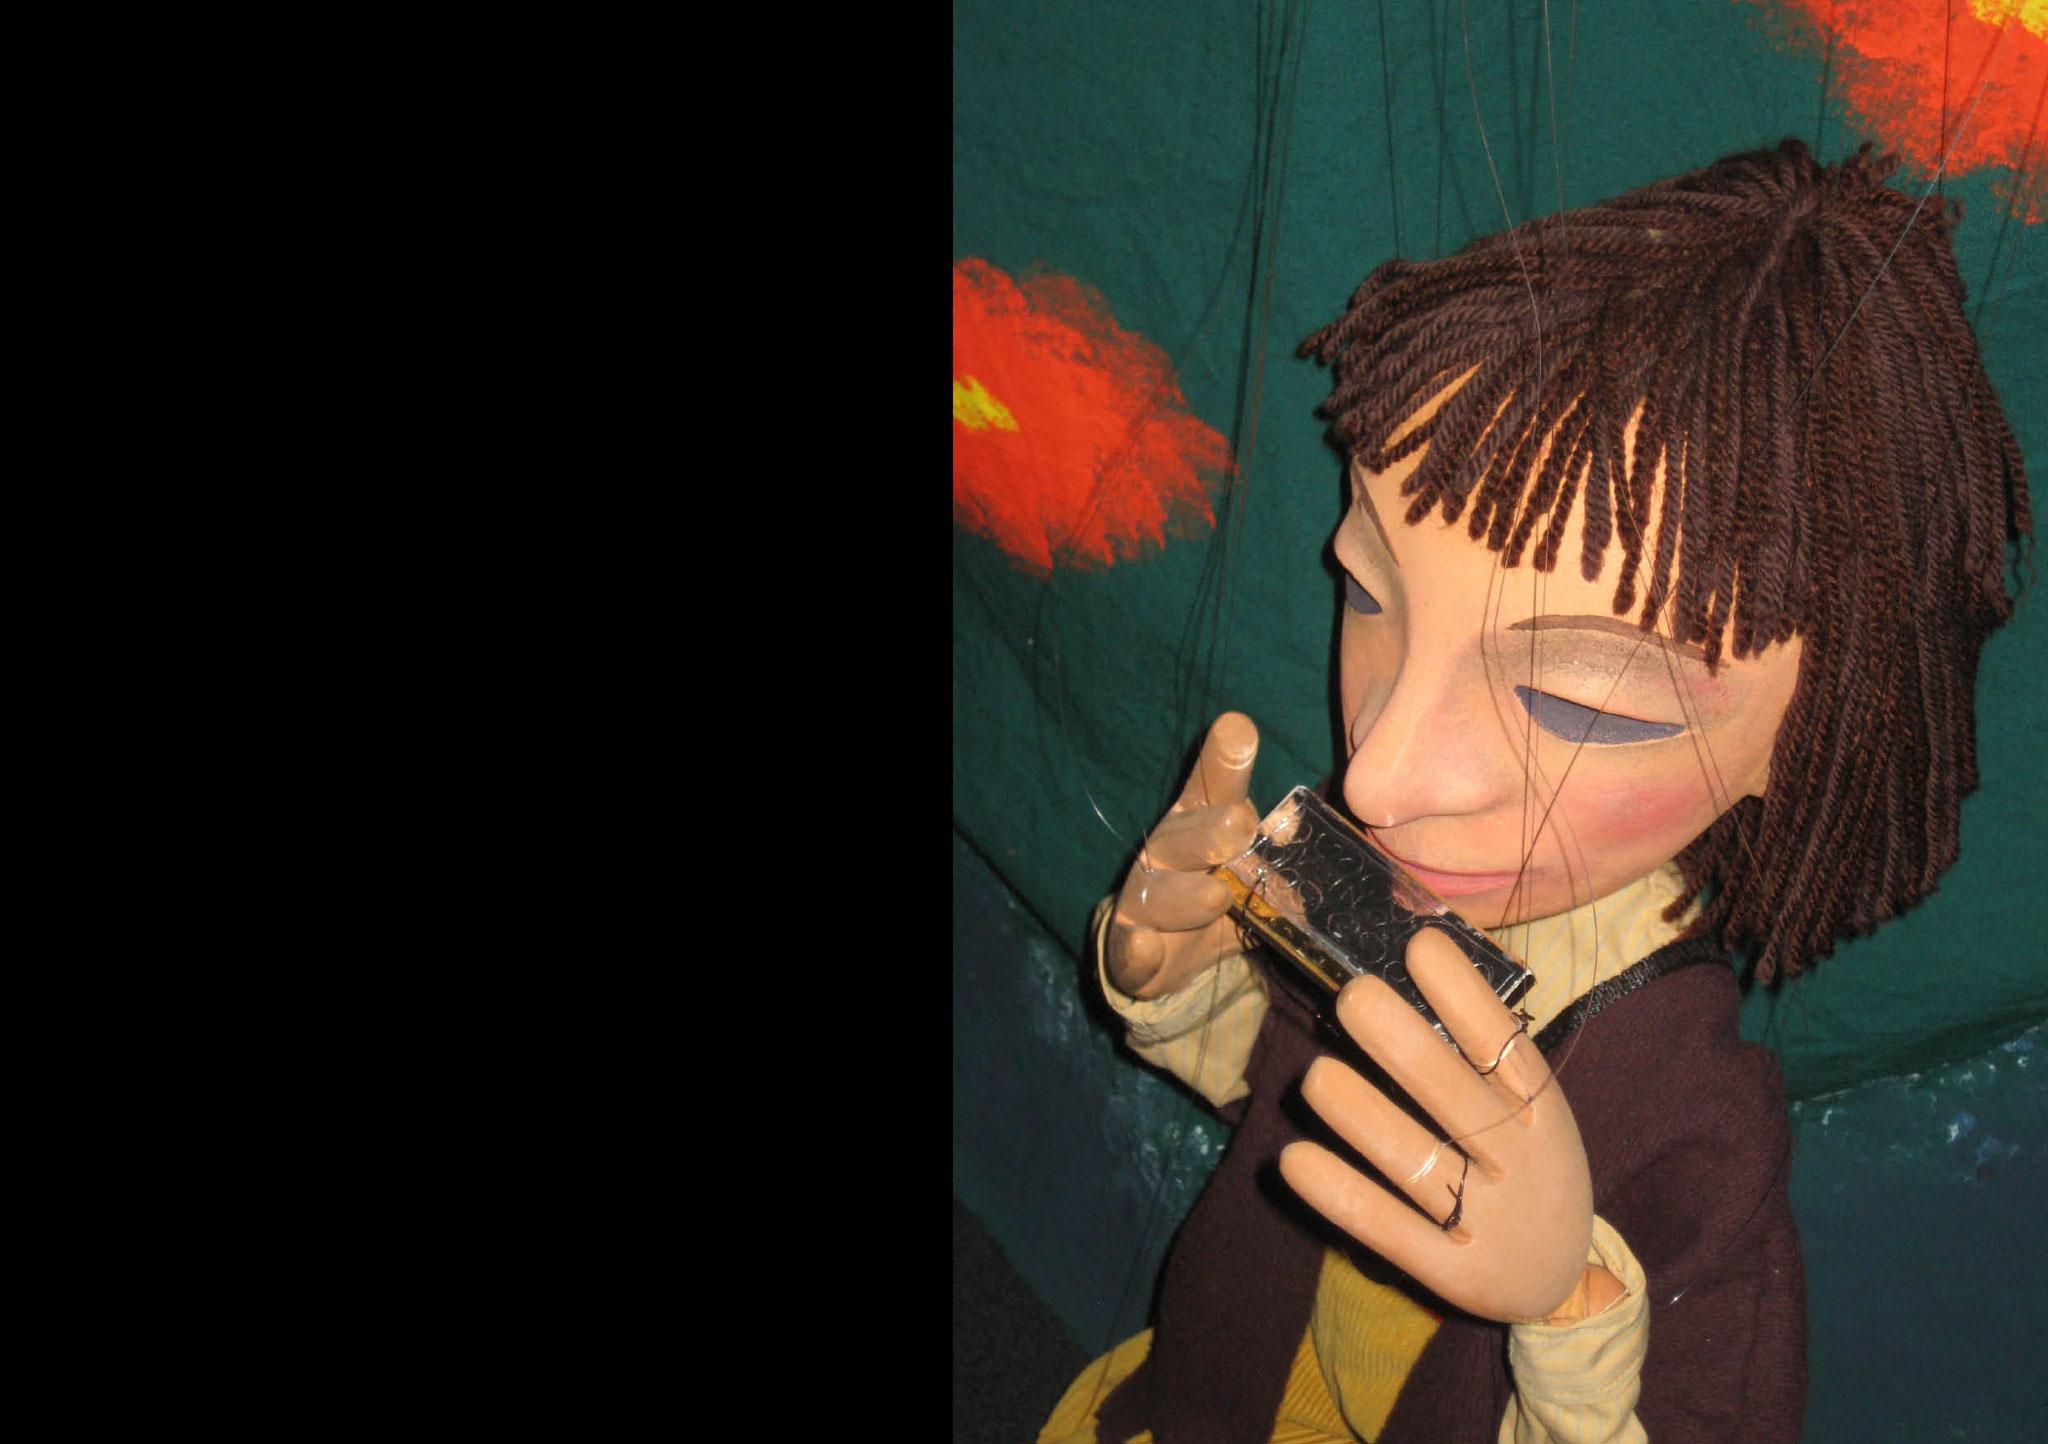 Harmonicas Klänge oder die gestohlene Blume: Marionettenspiel Cagibi, Catherine Cunz, Zürich